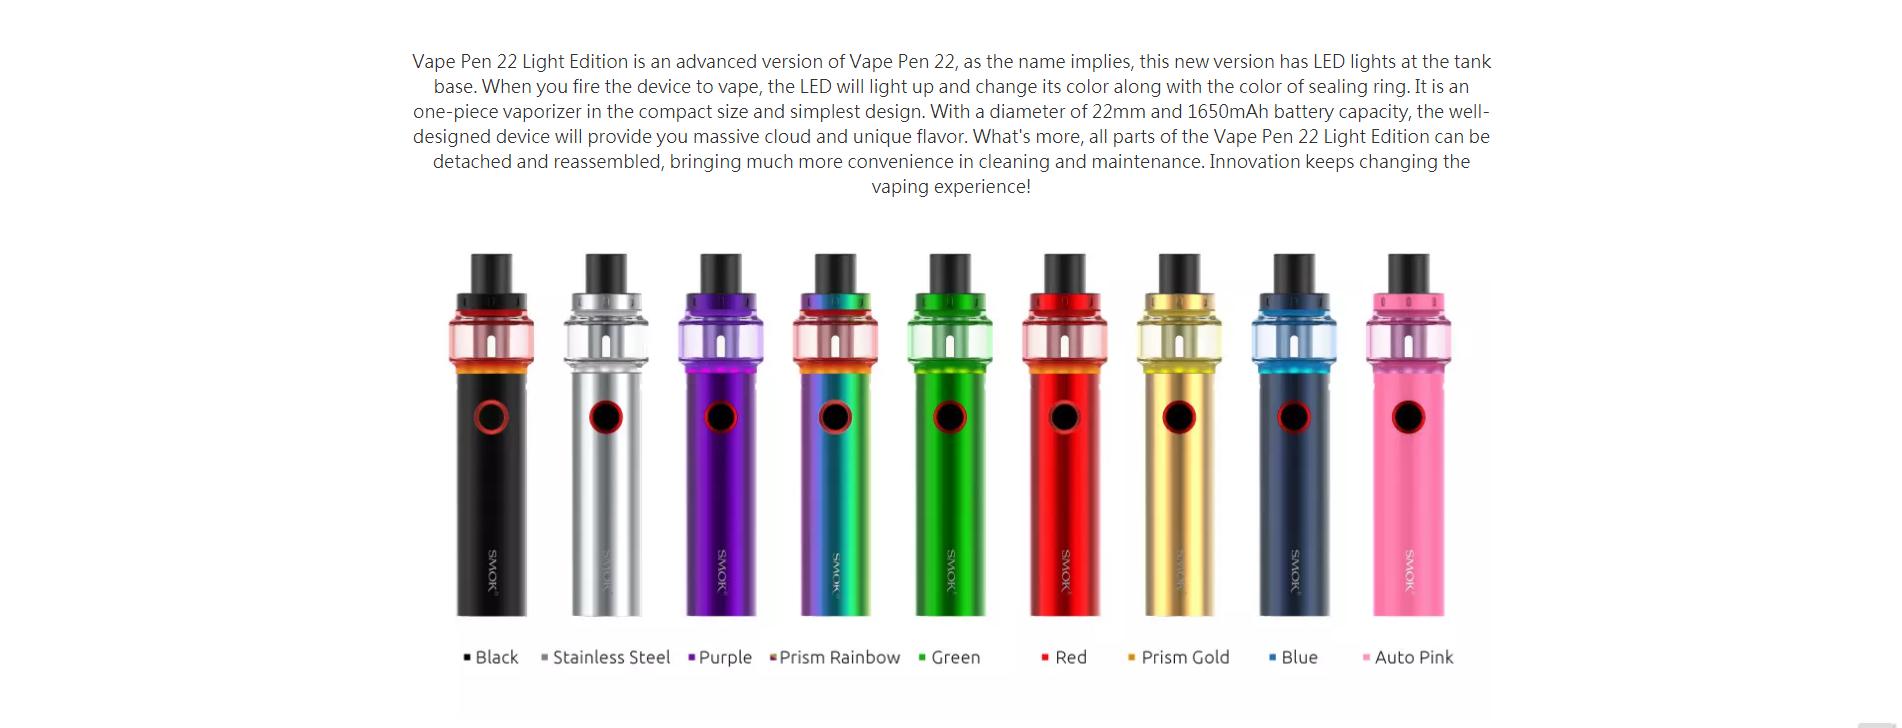 Vape Pen 22 Light Edition is an advanced version